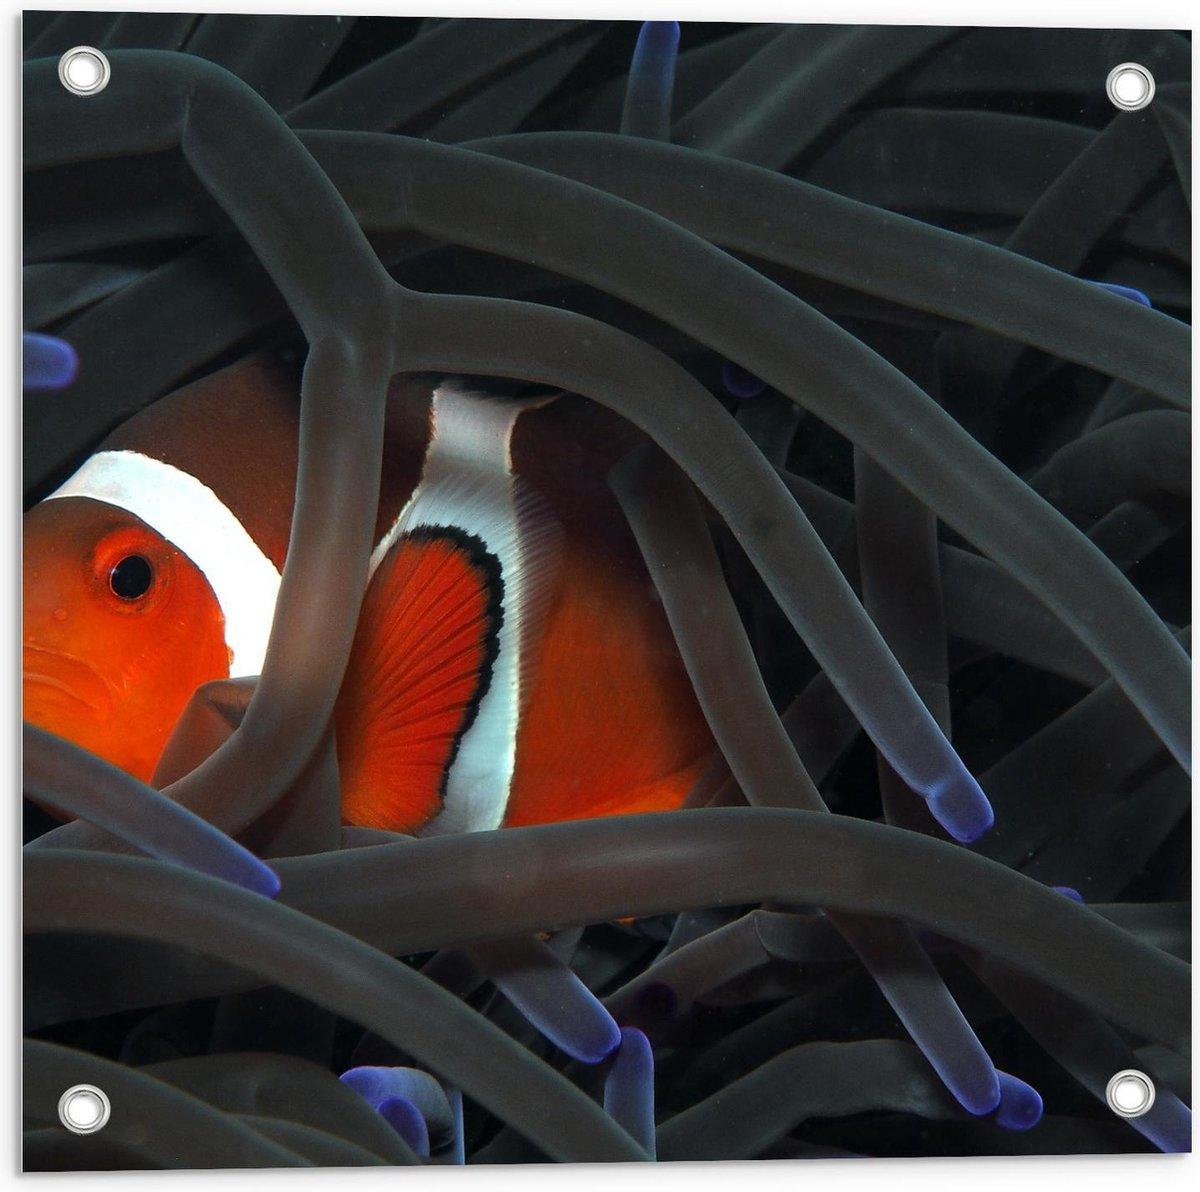 Tuinposter   Booskijkende Vis - 50x50cm Foto op Tuinposter  (wanddecoratie voor buiten en binnen)